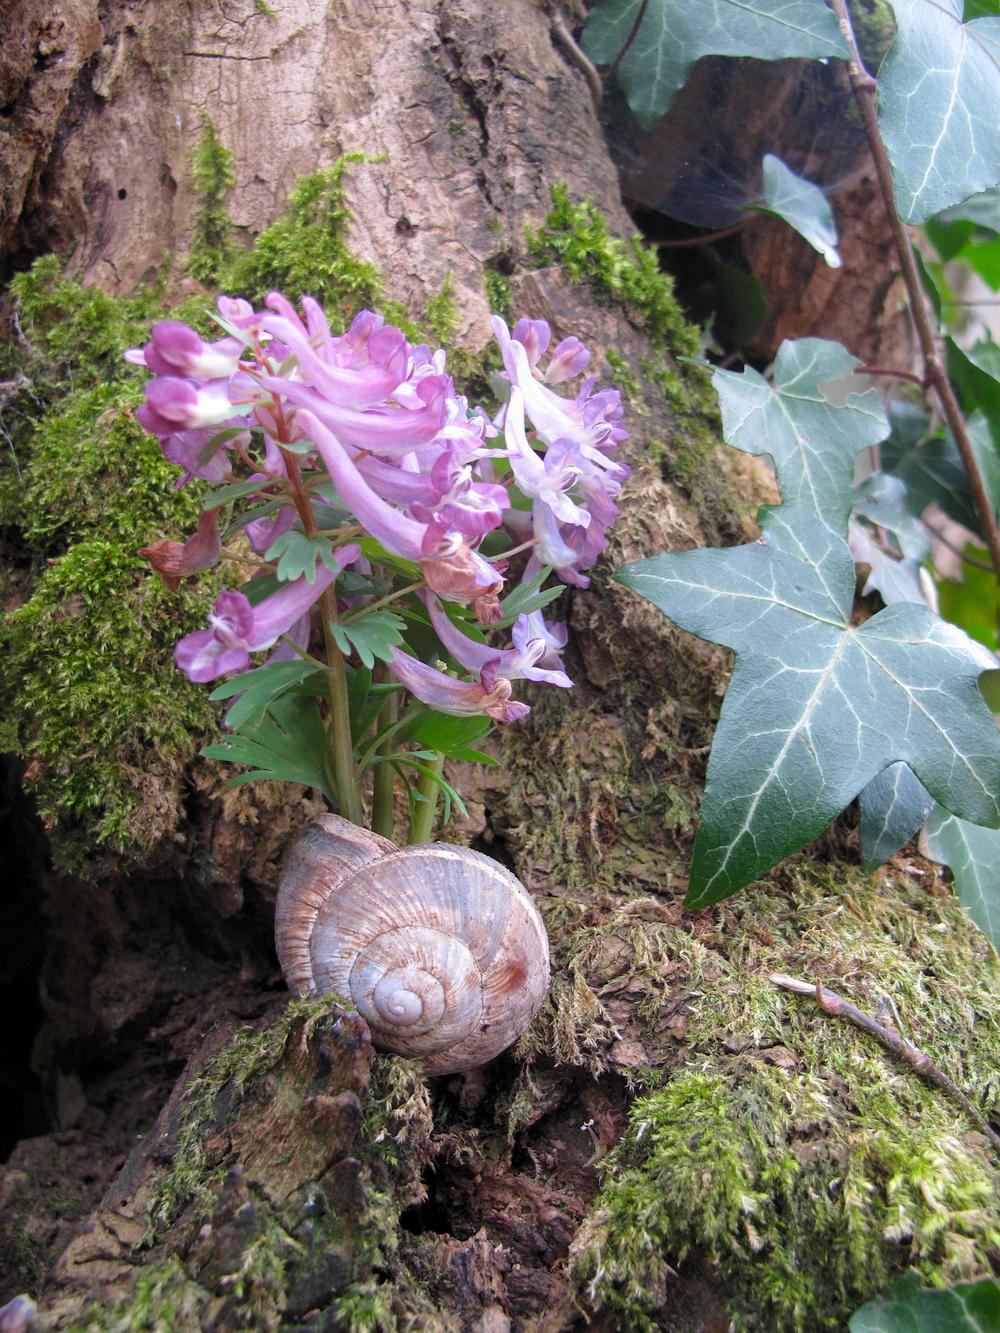 Purple flowers stuck in a snail's shell